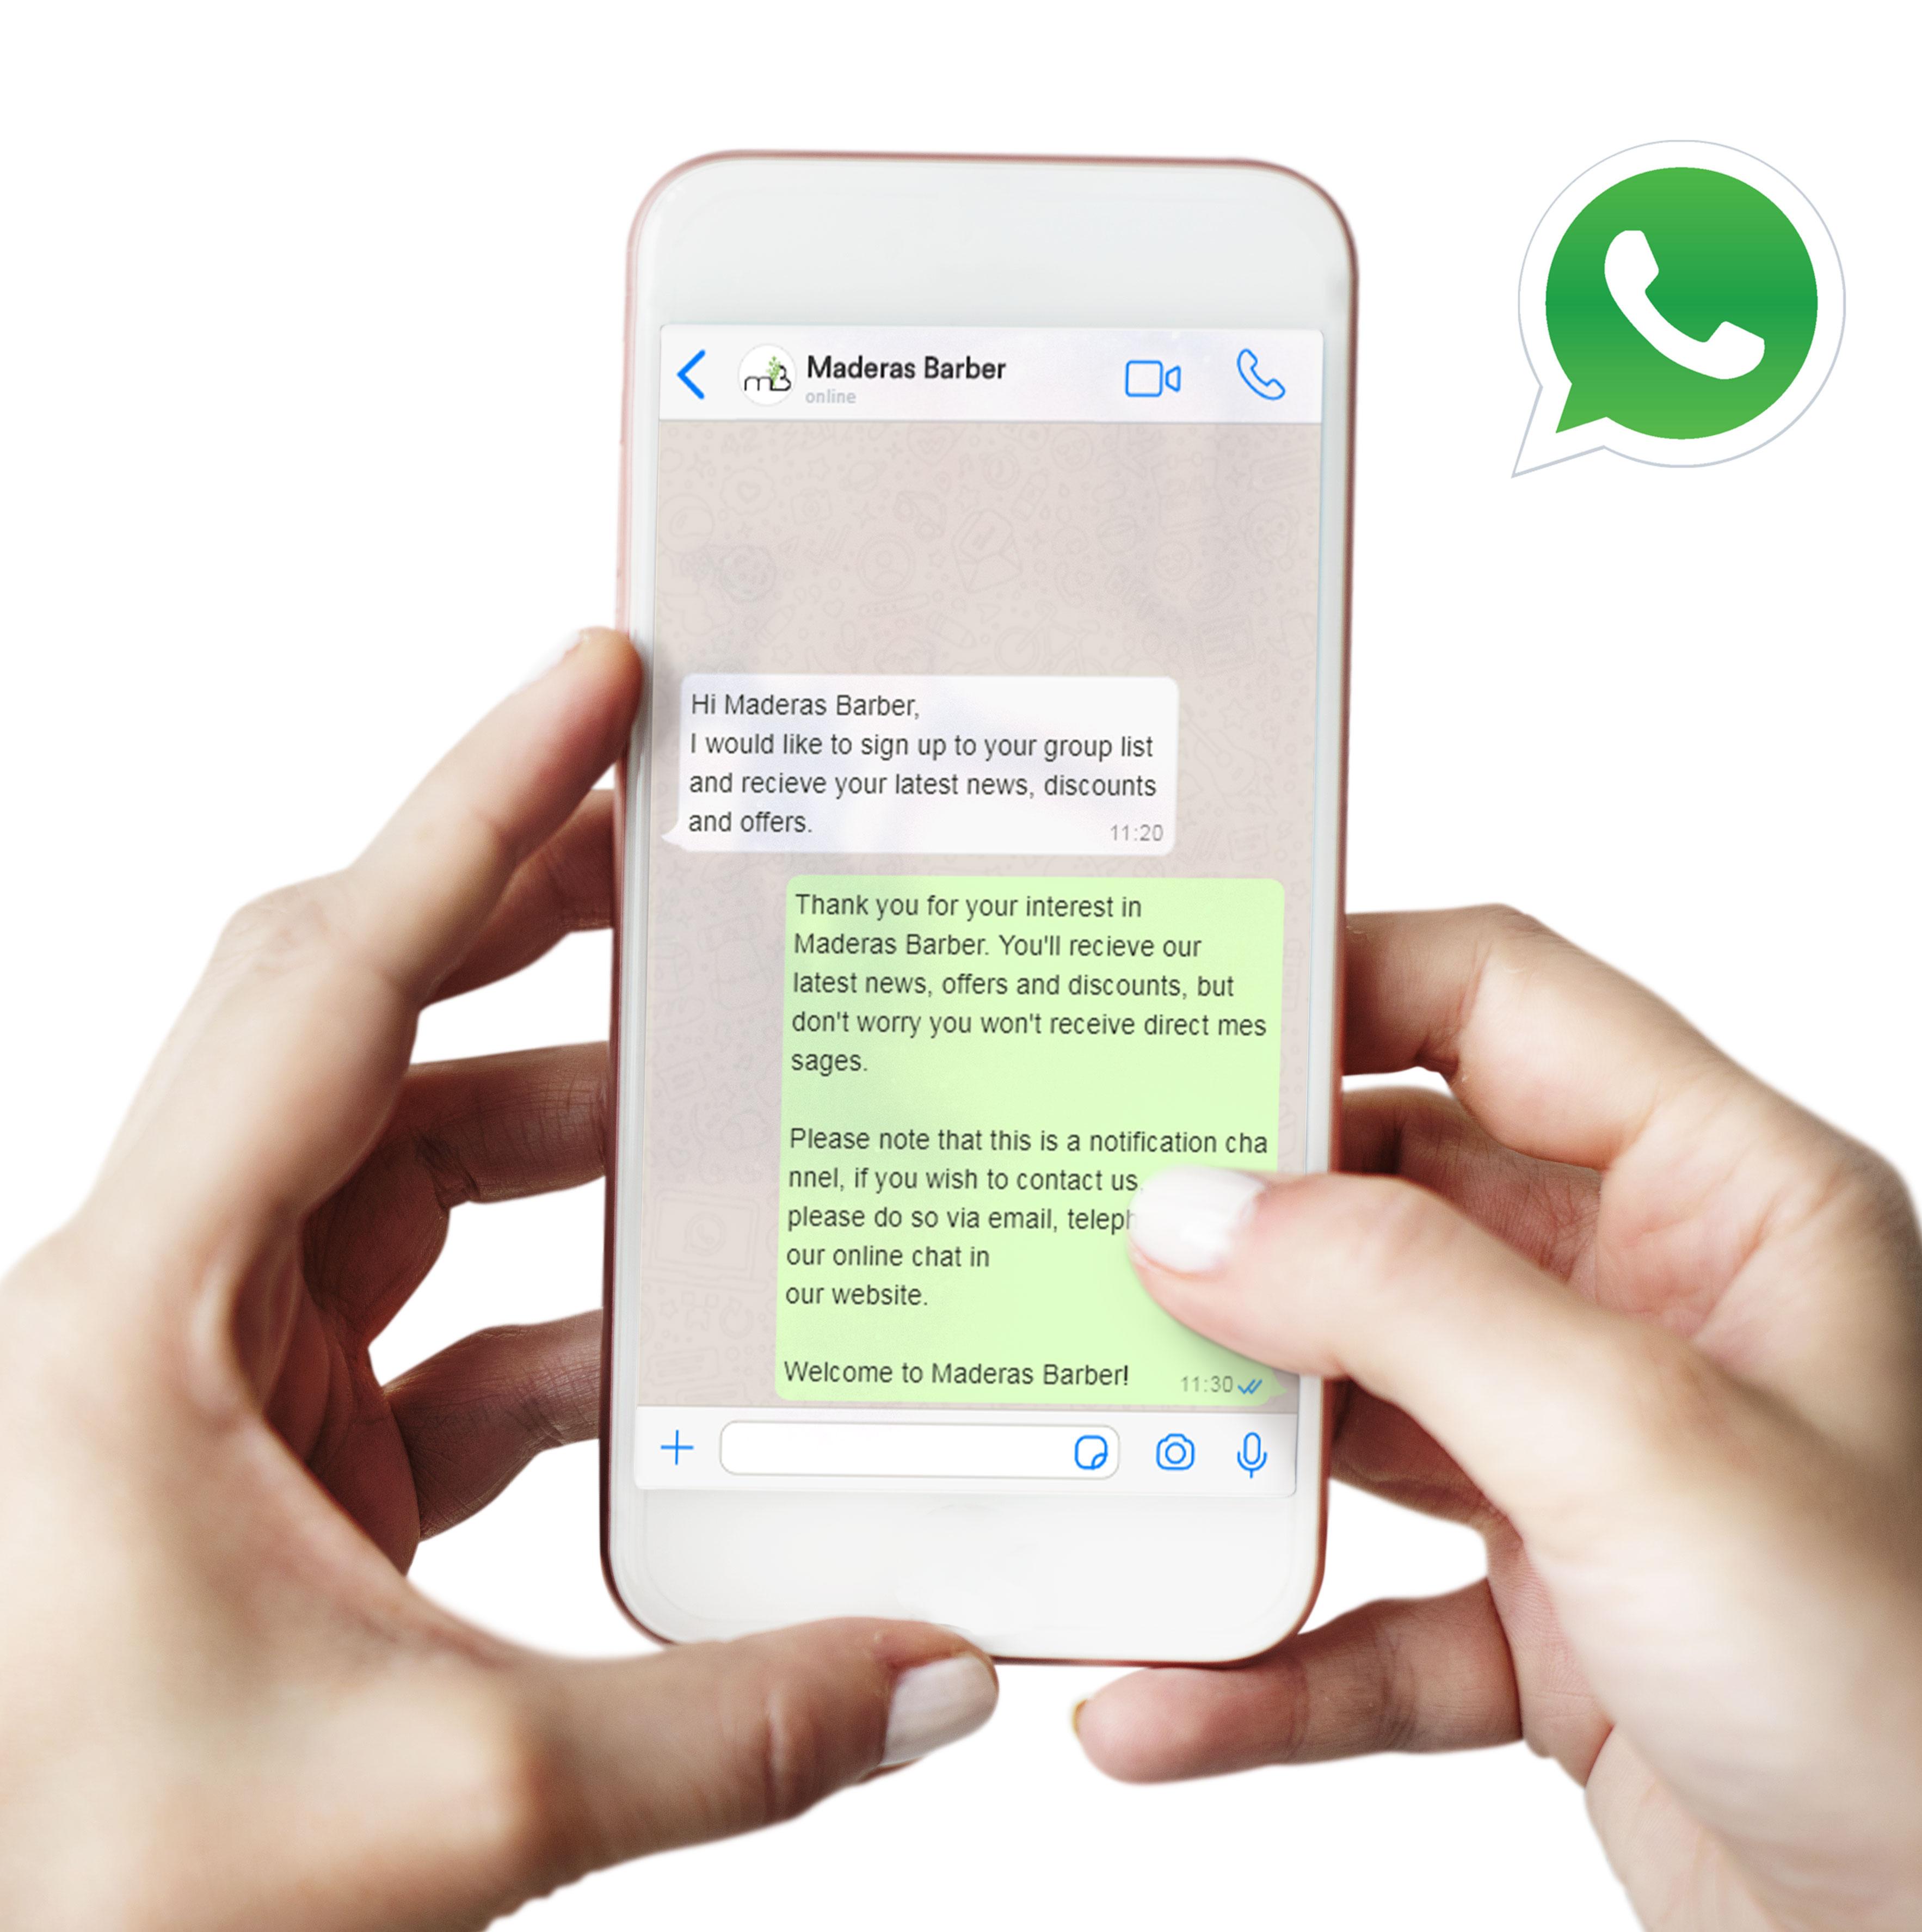 whatsapp-en.jpg